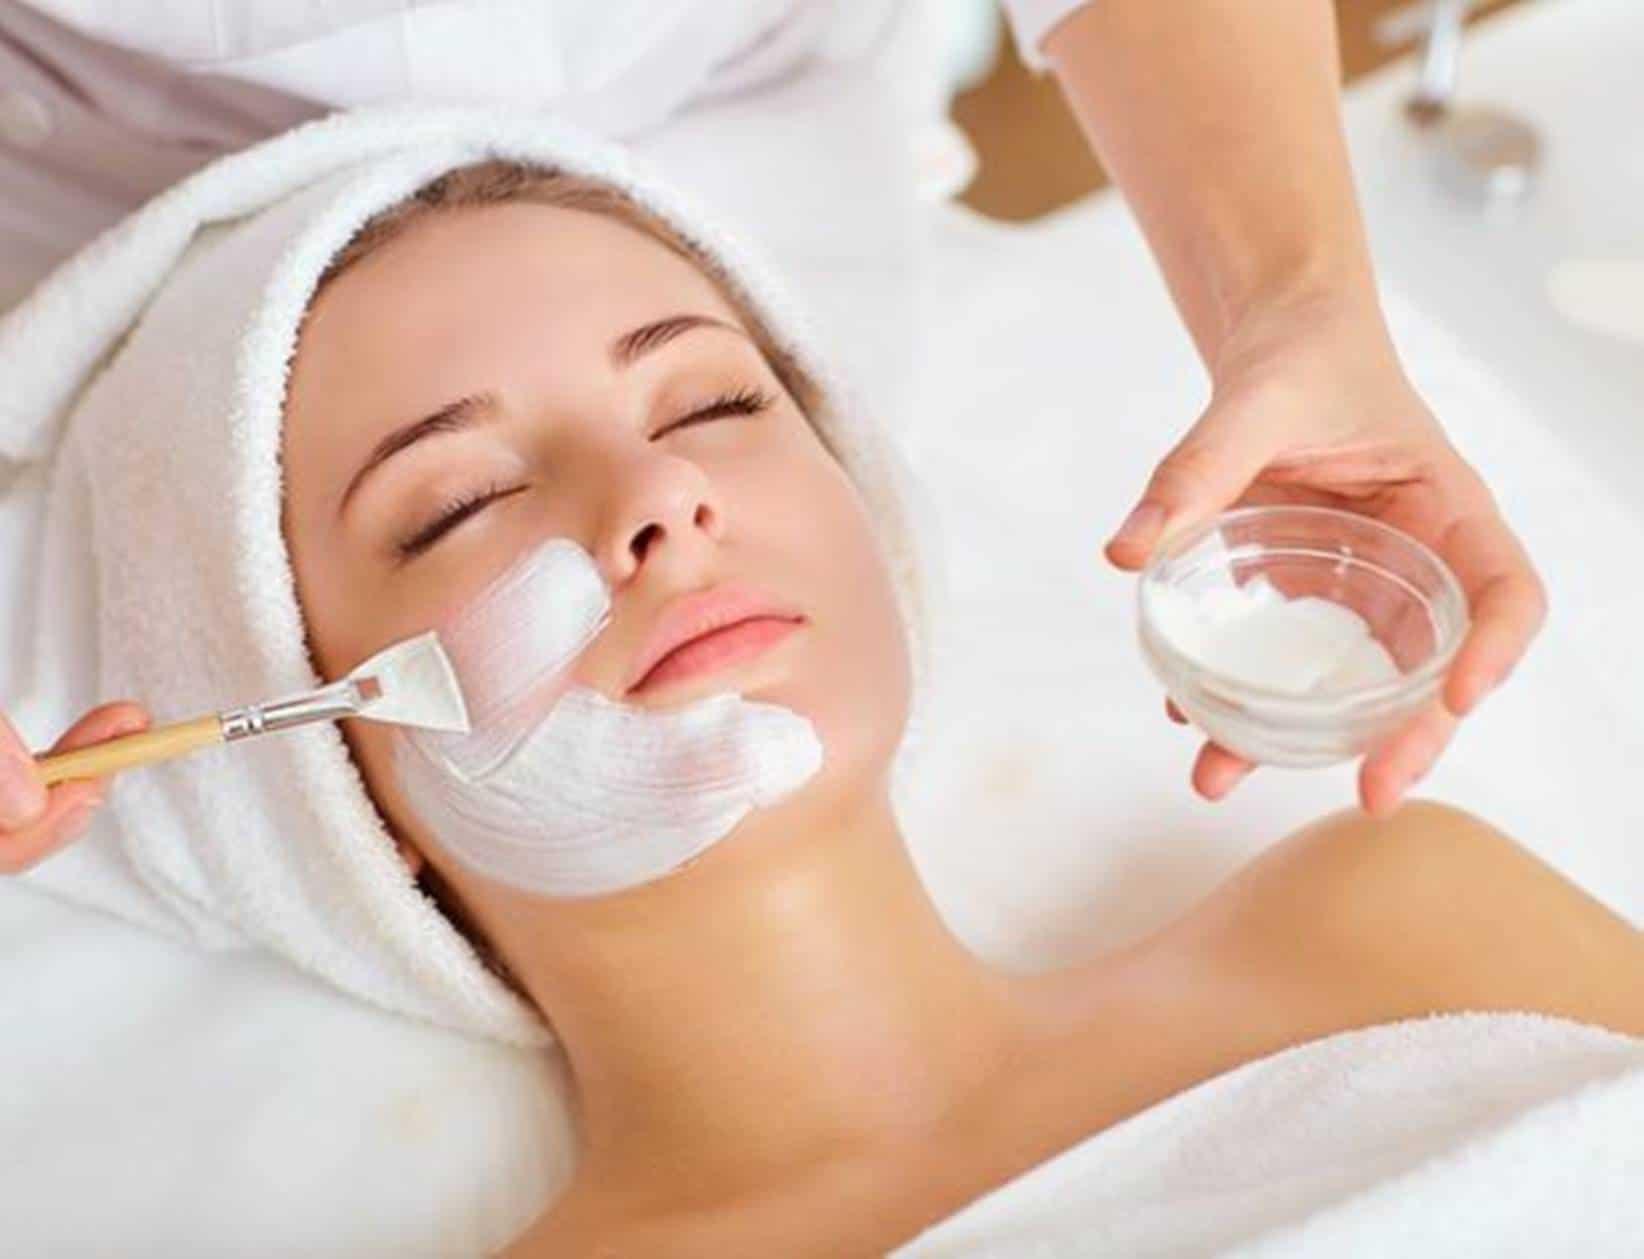 Argila branca tem incríveis benéficos para a pele e os cabelos